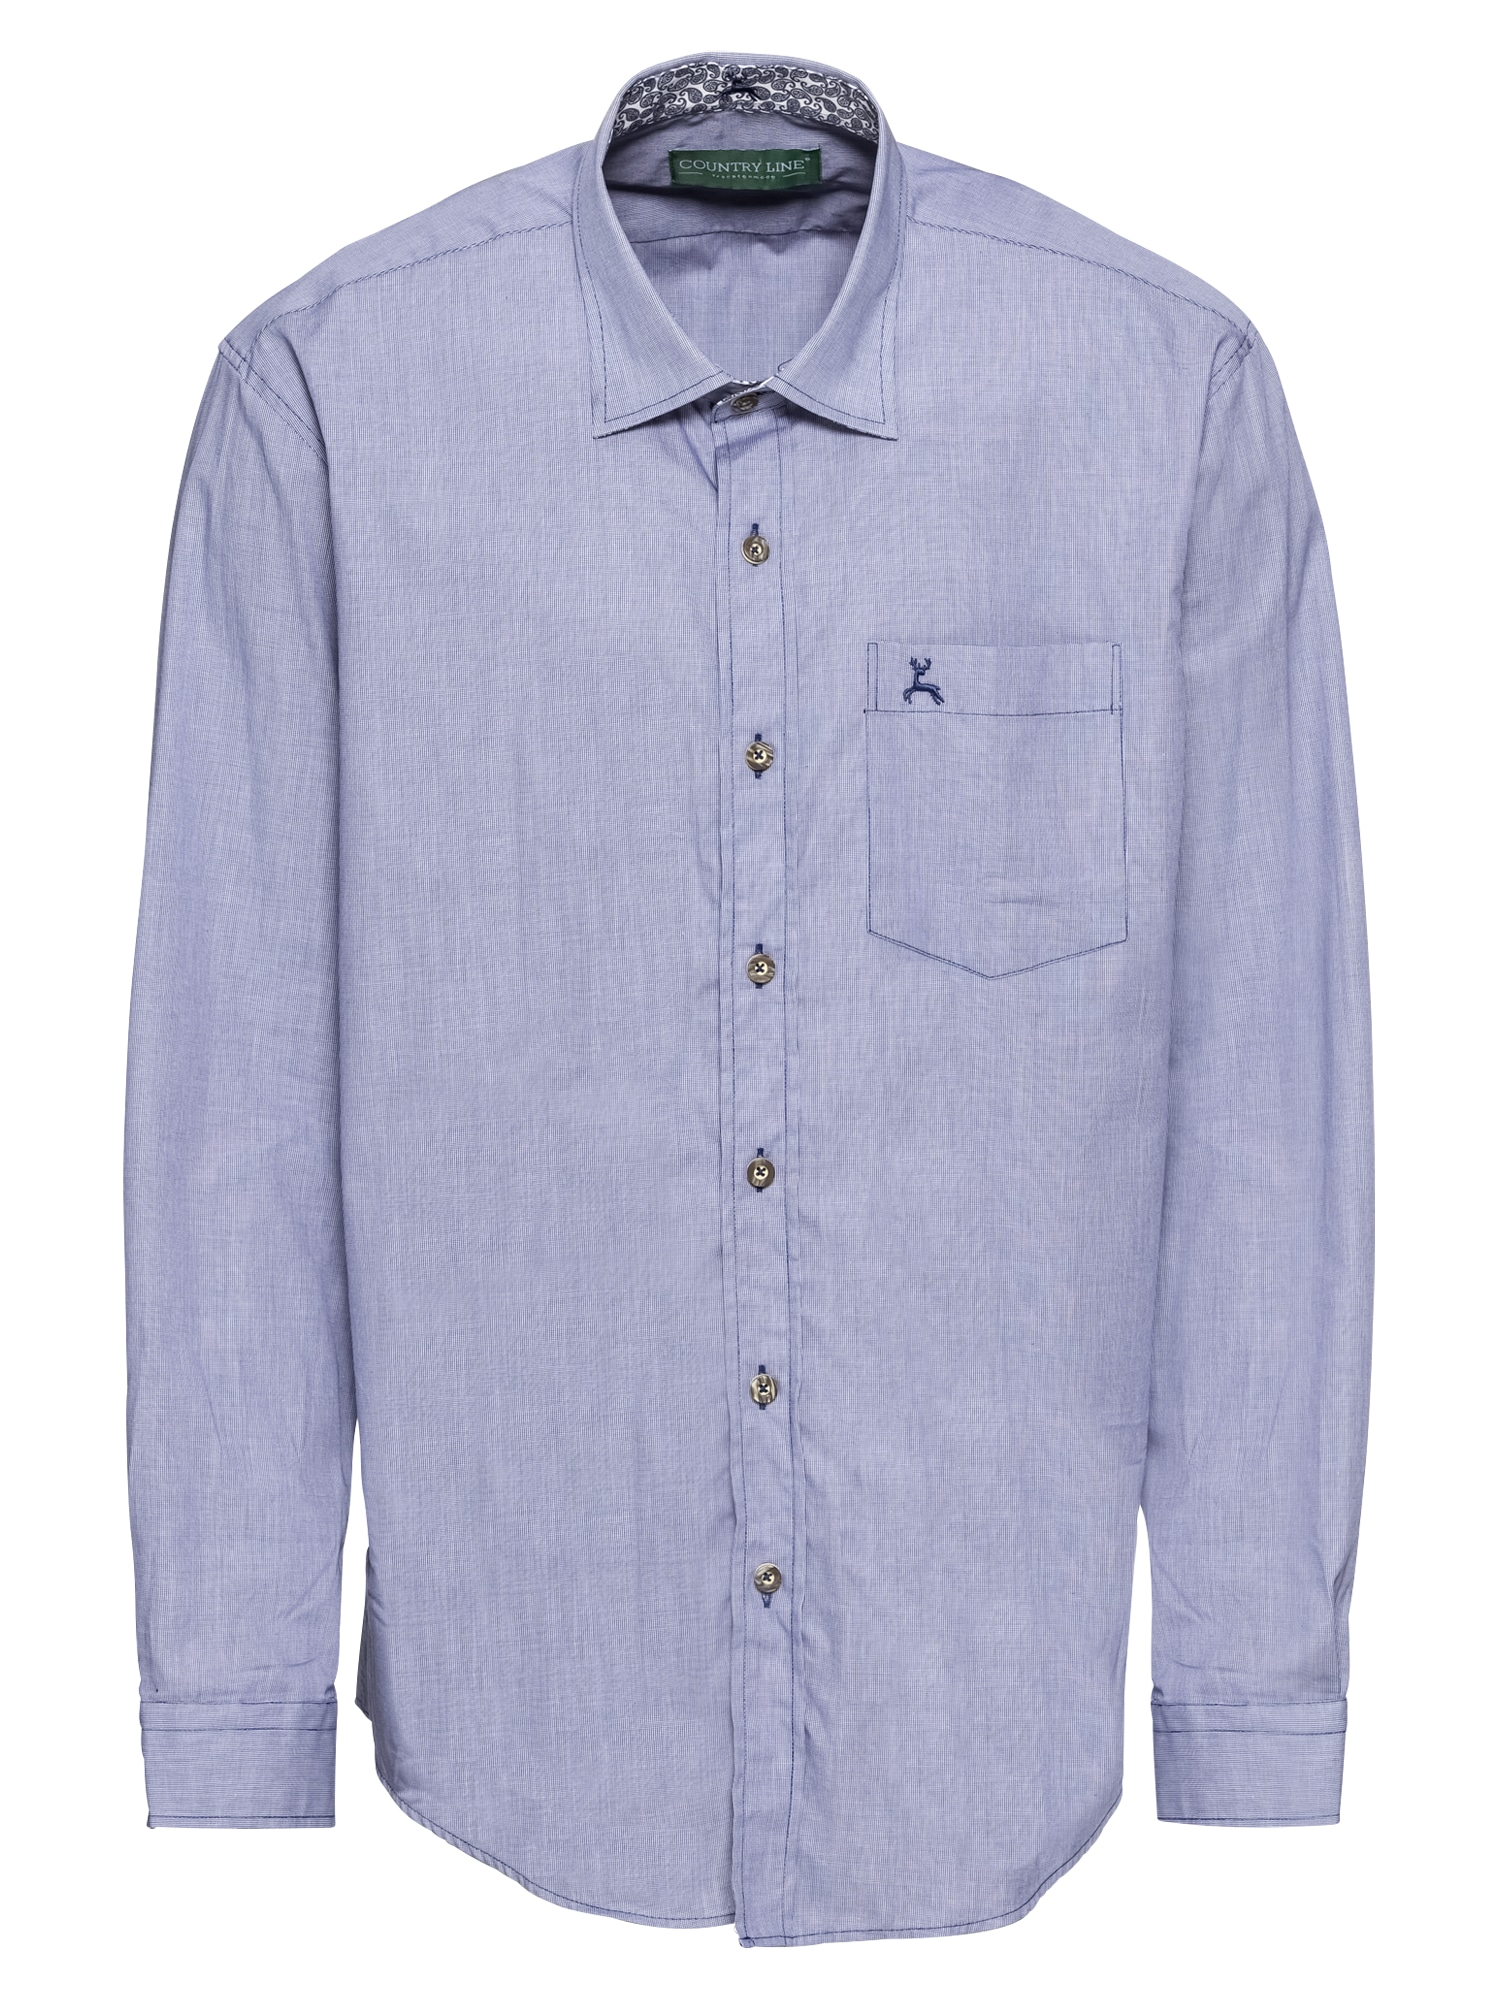 COUNTRY LINE Tradiciniai marškiniai mėlyna